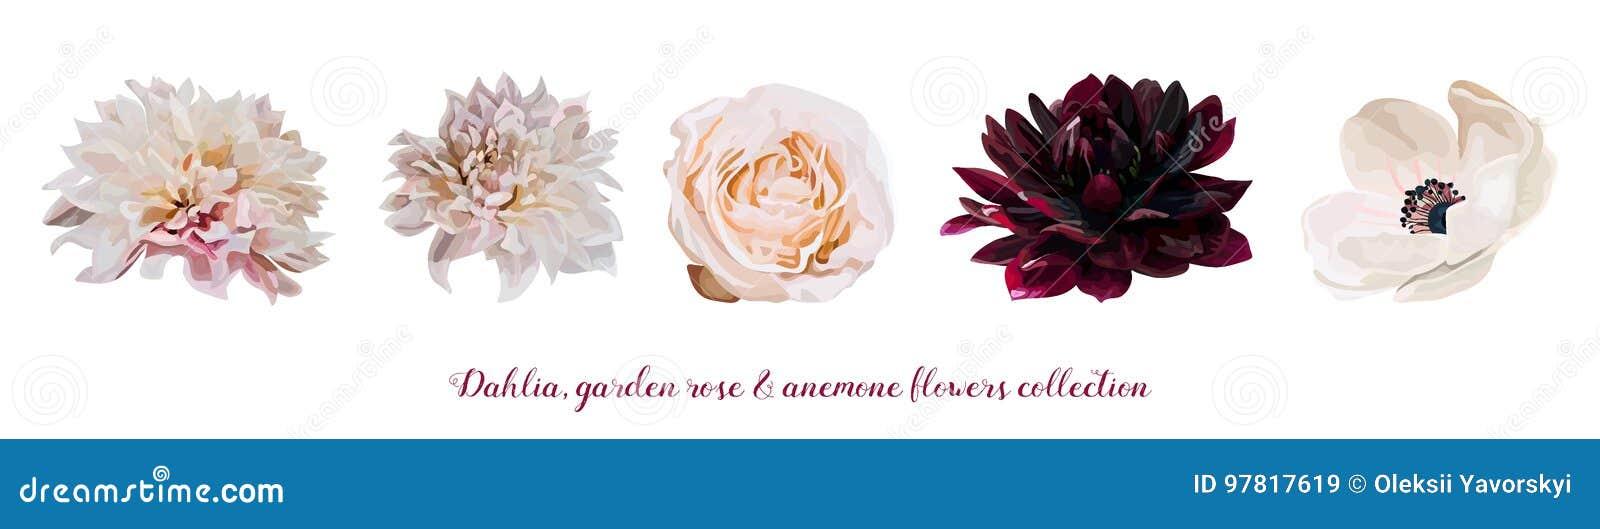 Rosa de jardín de flores Rose, flores melocotón natural, elementos rosas claros rojos del diseñador de Dahlia Anemone diversas de